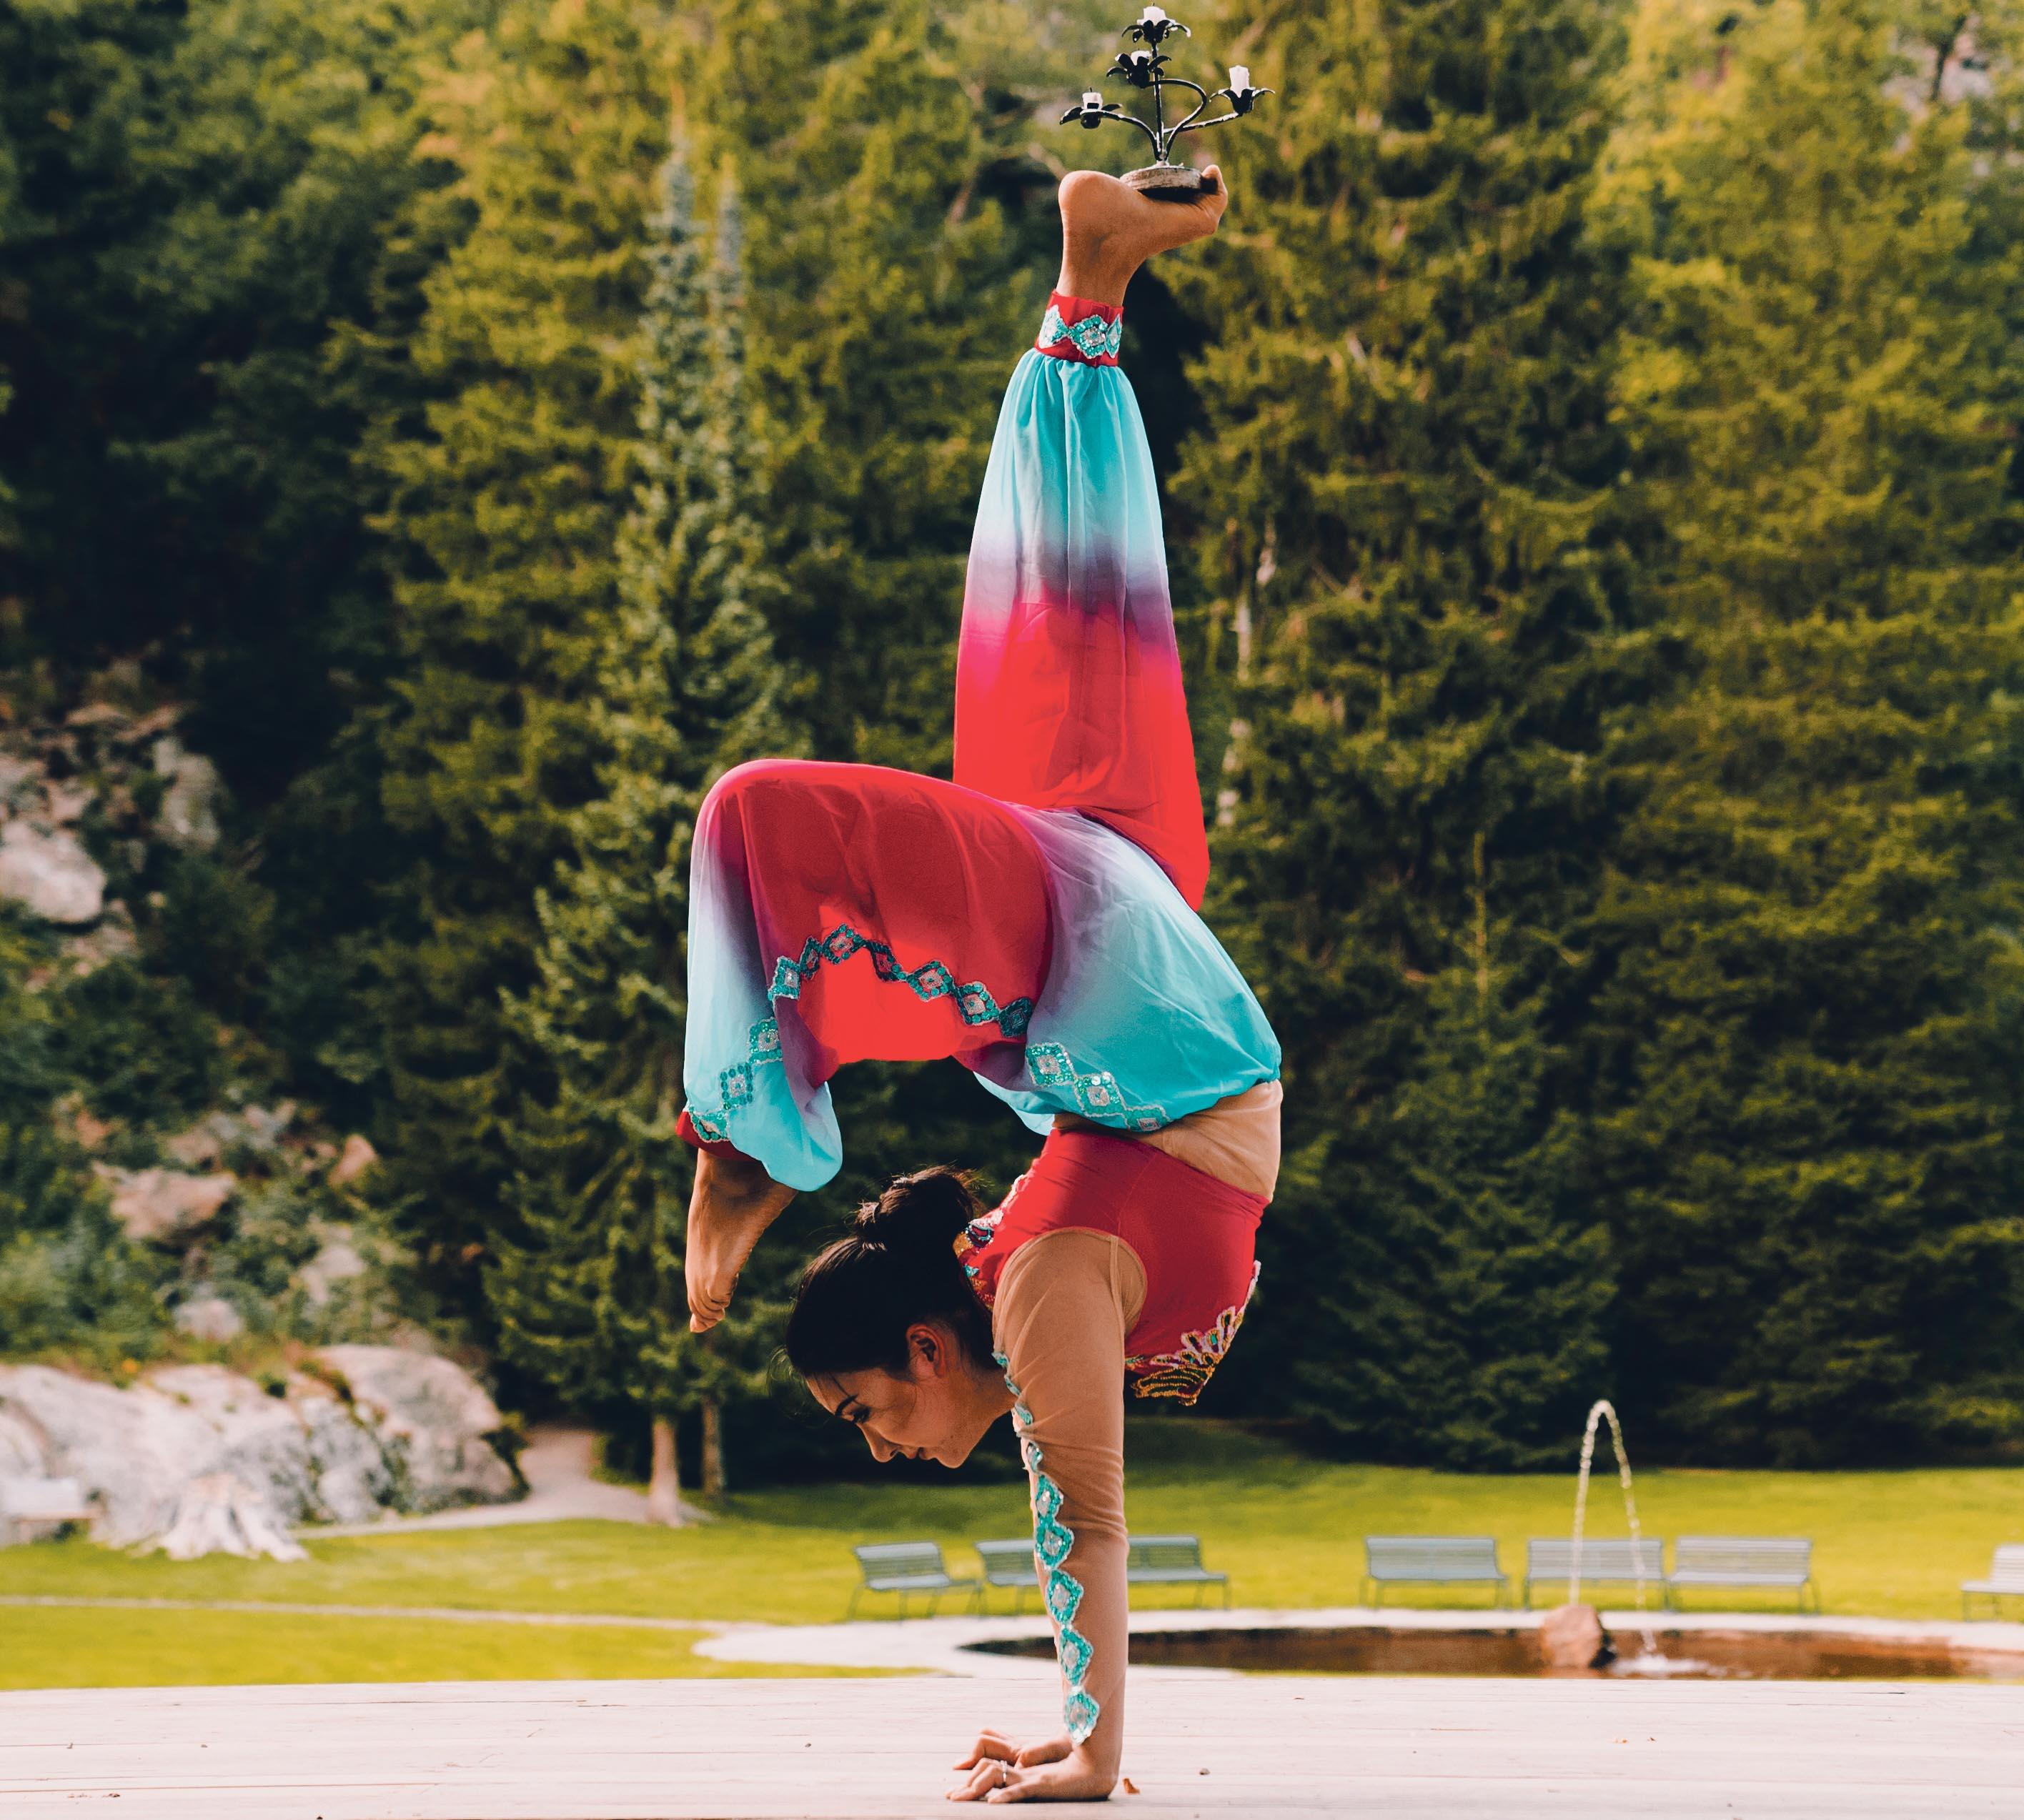 FLEKSIBEL: Gulli Byr På Akrobatikk Hvor Hun Gjør Det Ekstra Spennende Ved å Balansere Flere Lysekranser Samtidig. Foto: Tobias Hole Aasgaarden.